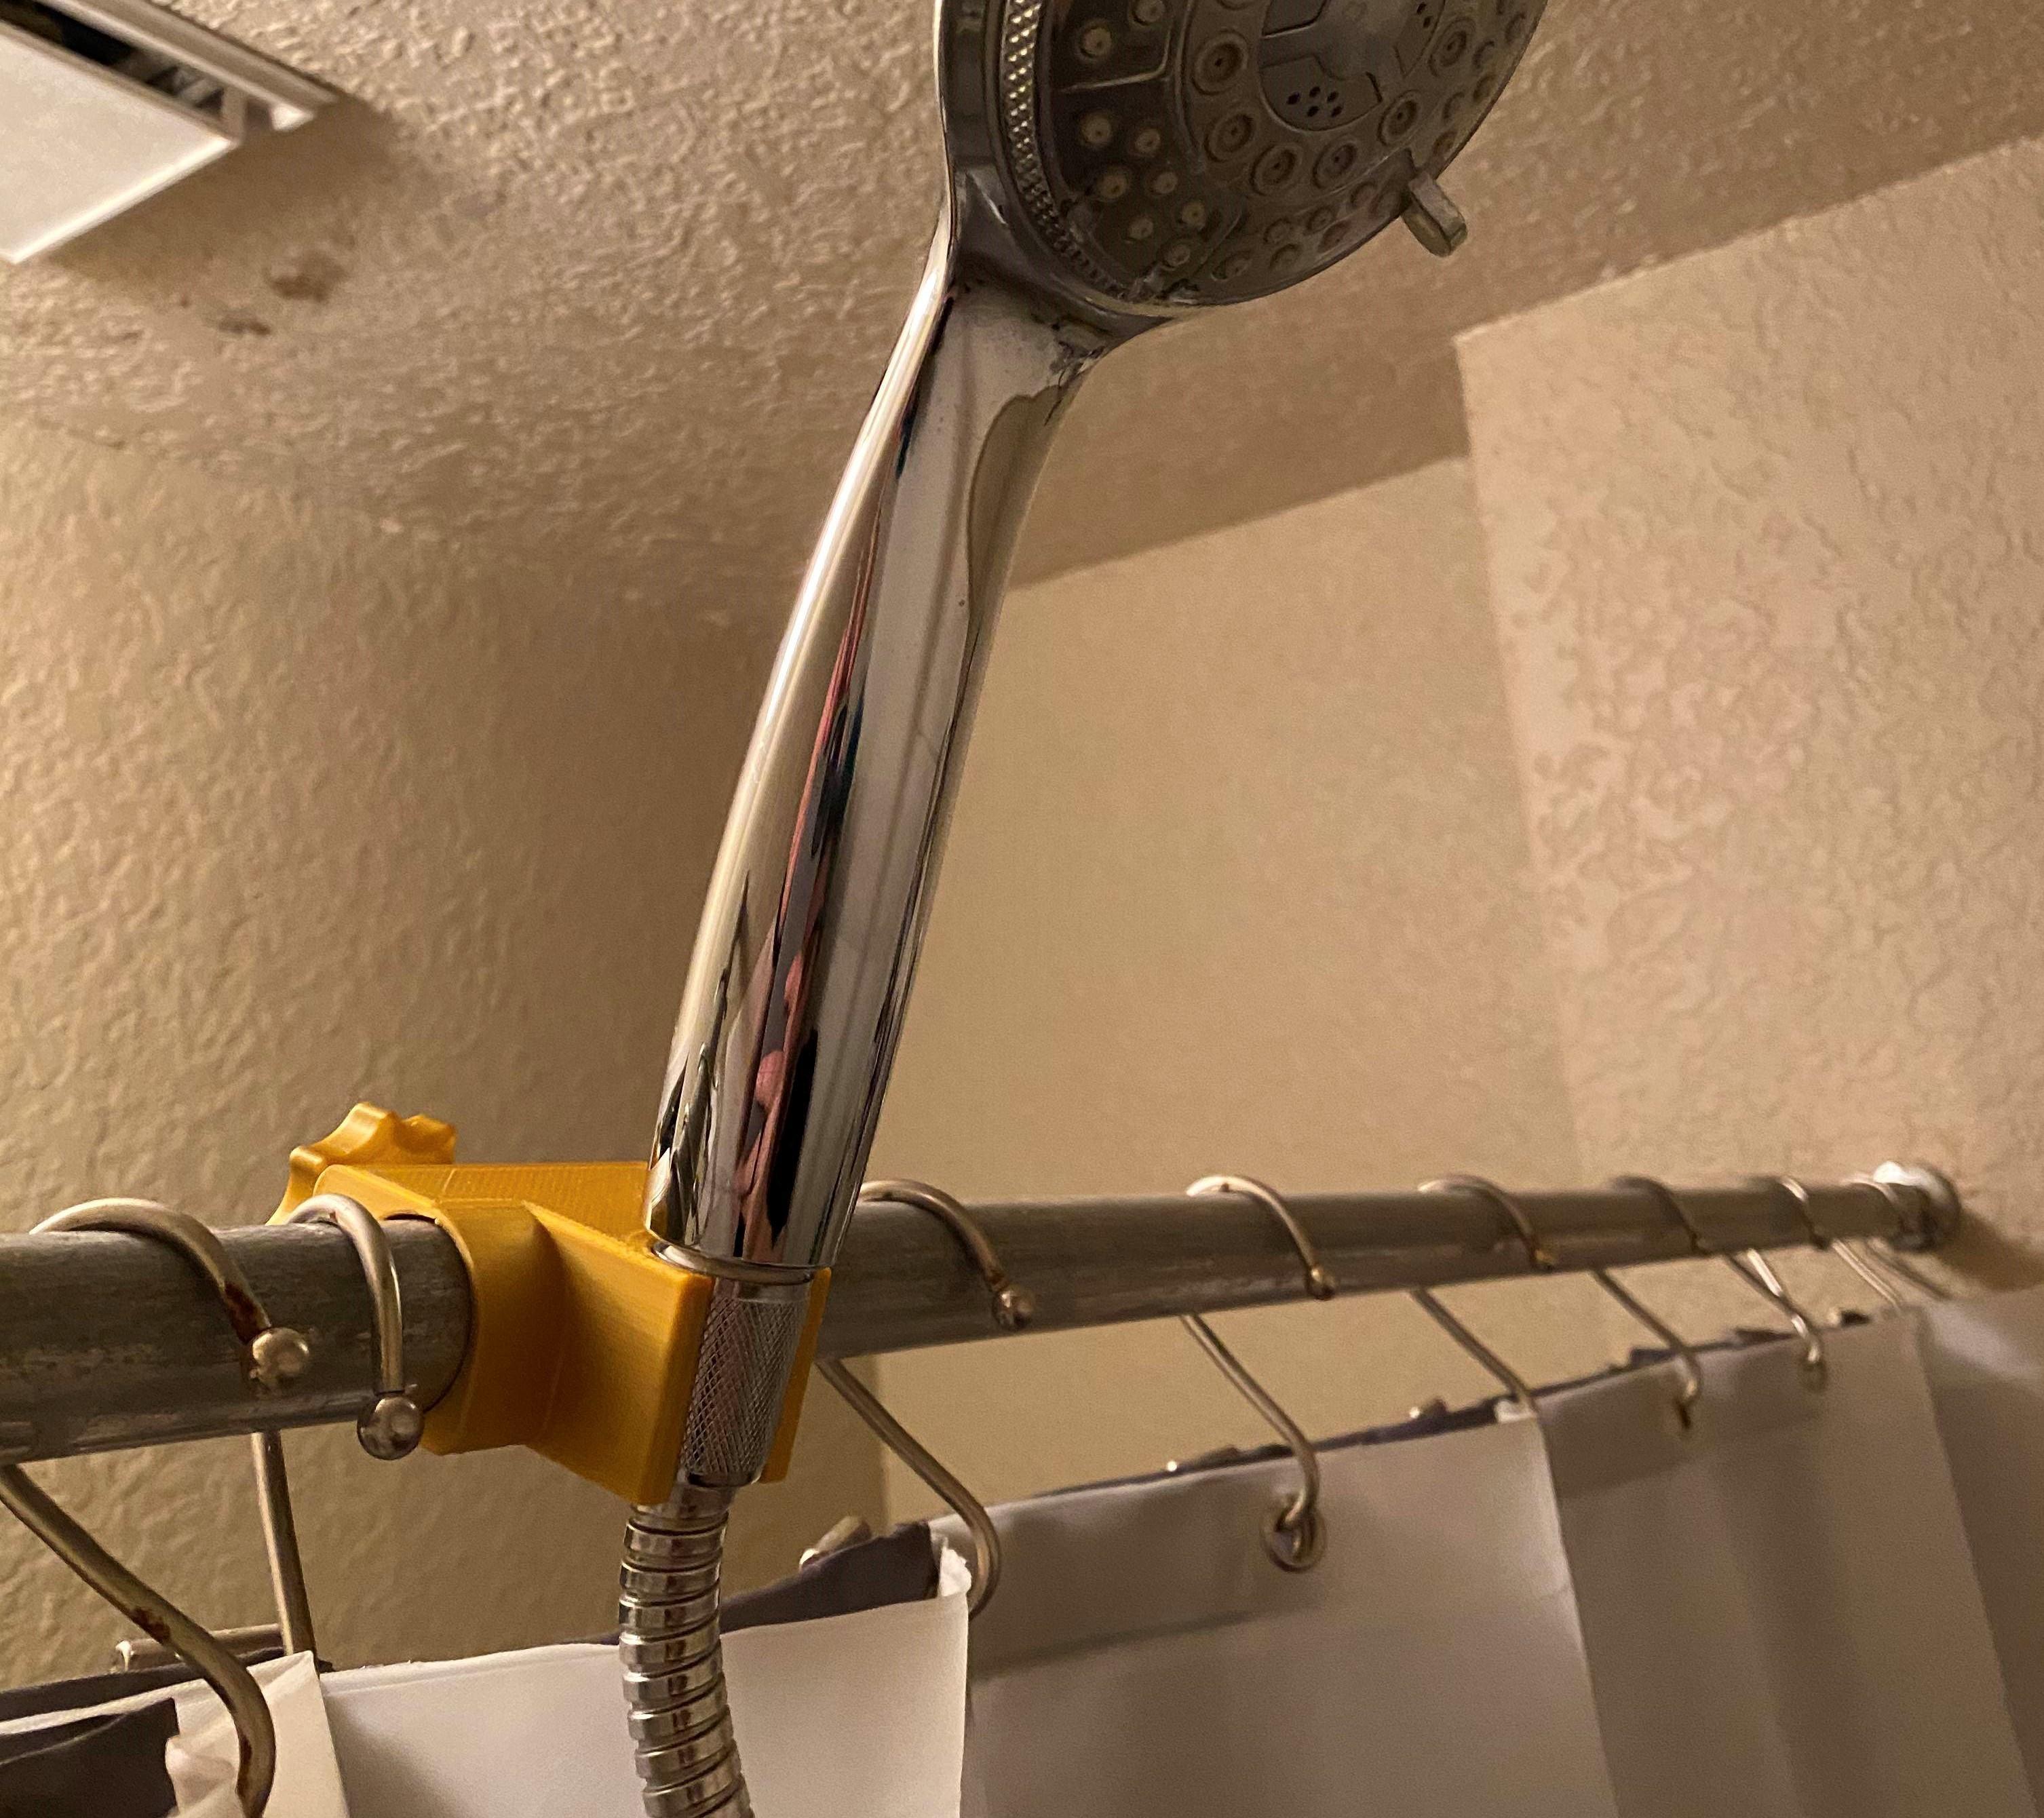 Shower Head Holder Fronts.jpg Download free STL file Shower Head Holder • 3D printing template, HomeLite